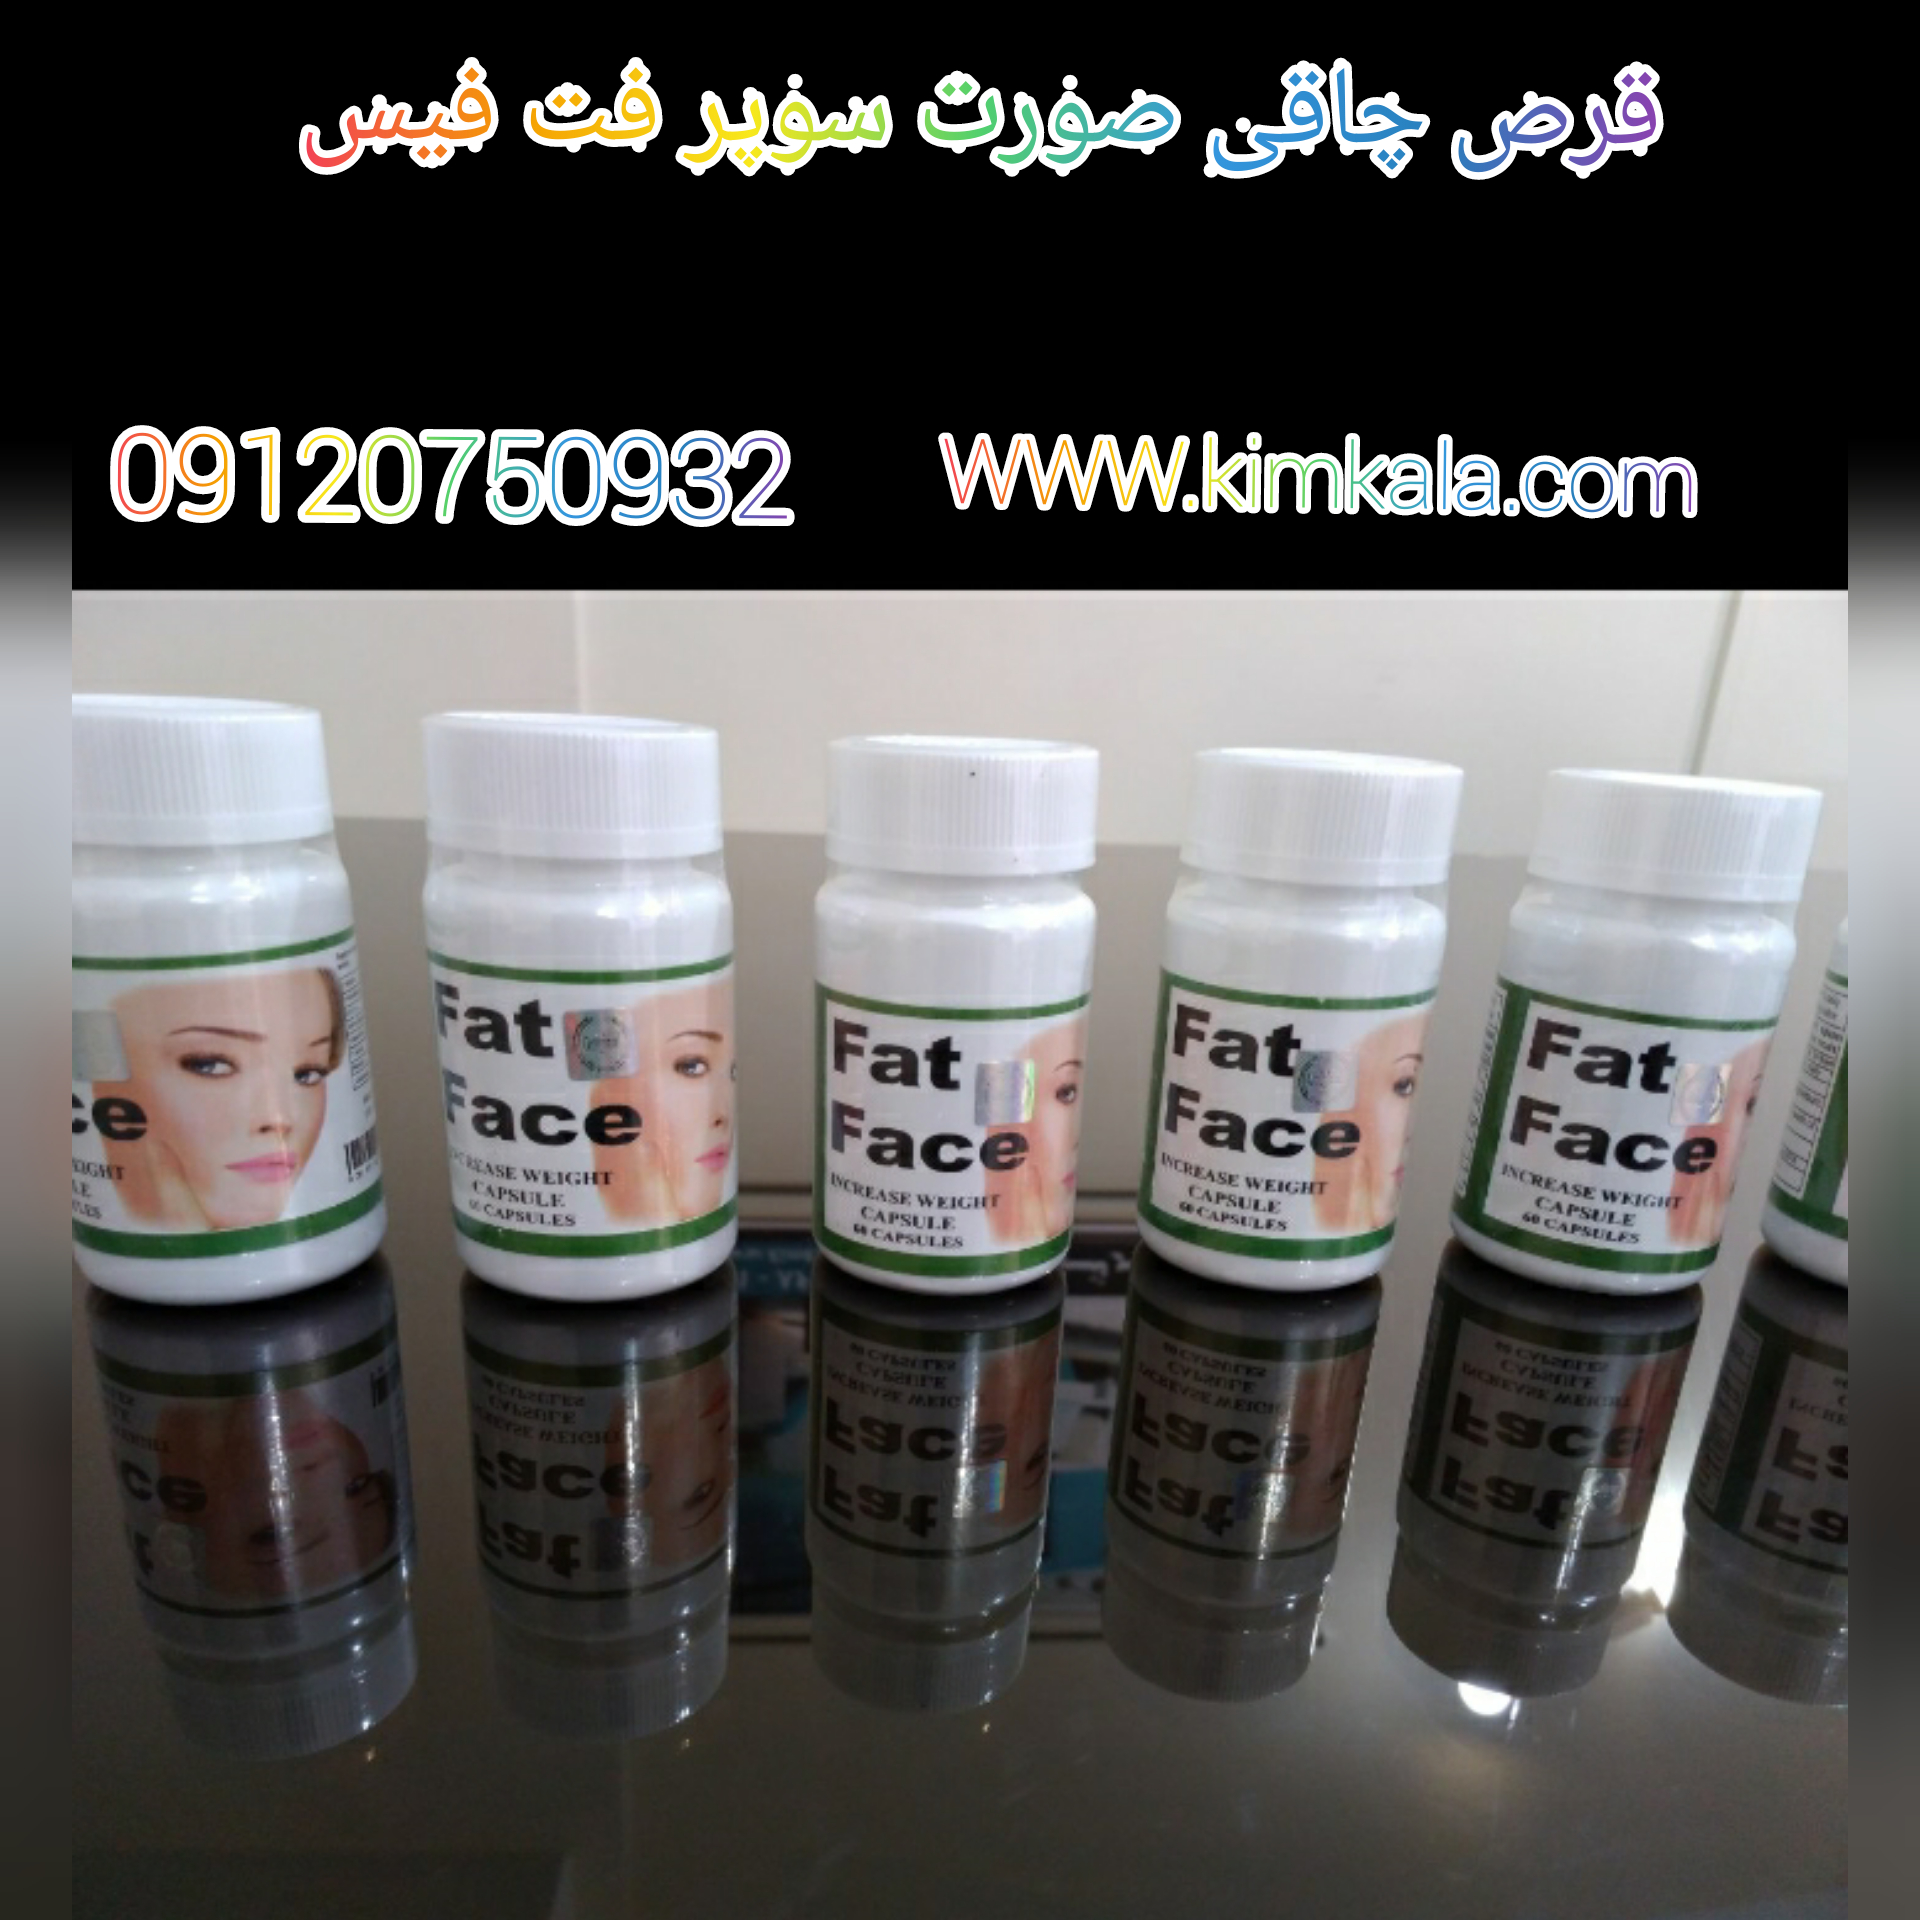 قرص چاقی صورت سوپر فت فیس/09120750932/ترکیبات کپسول چاقی